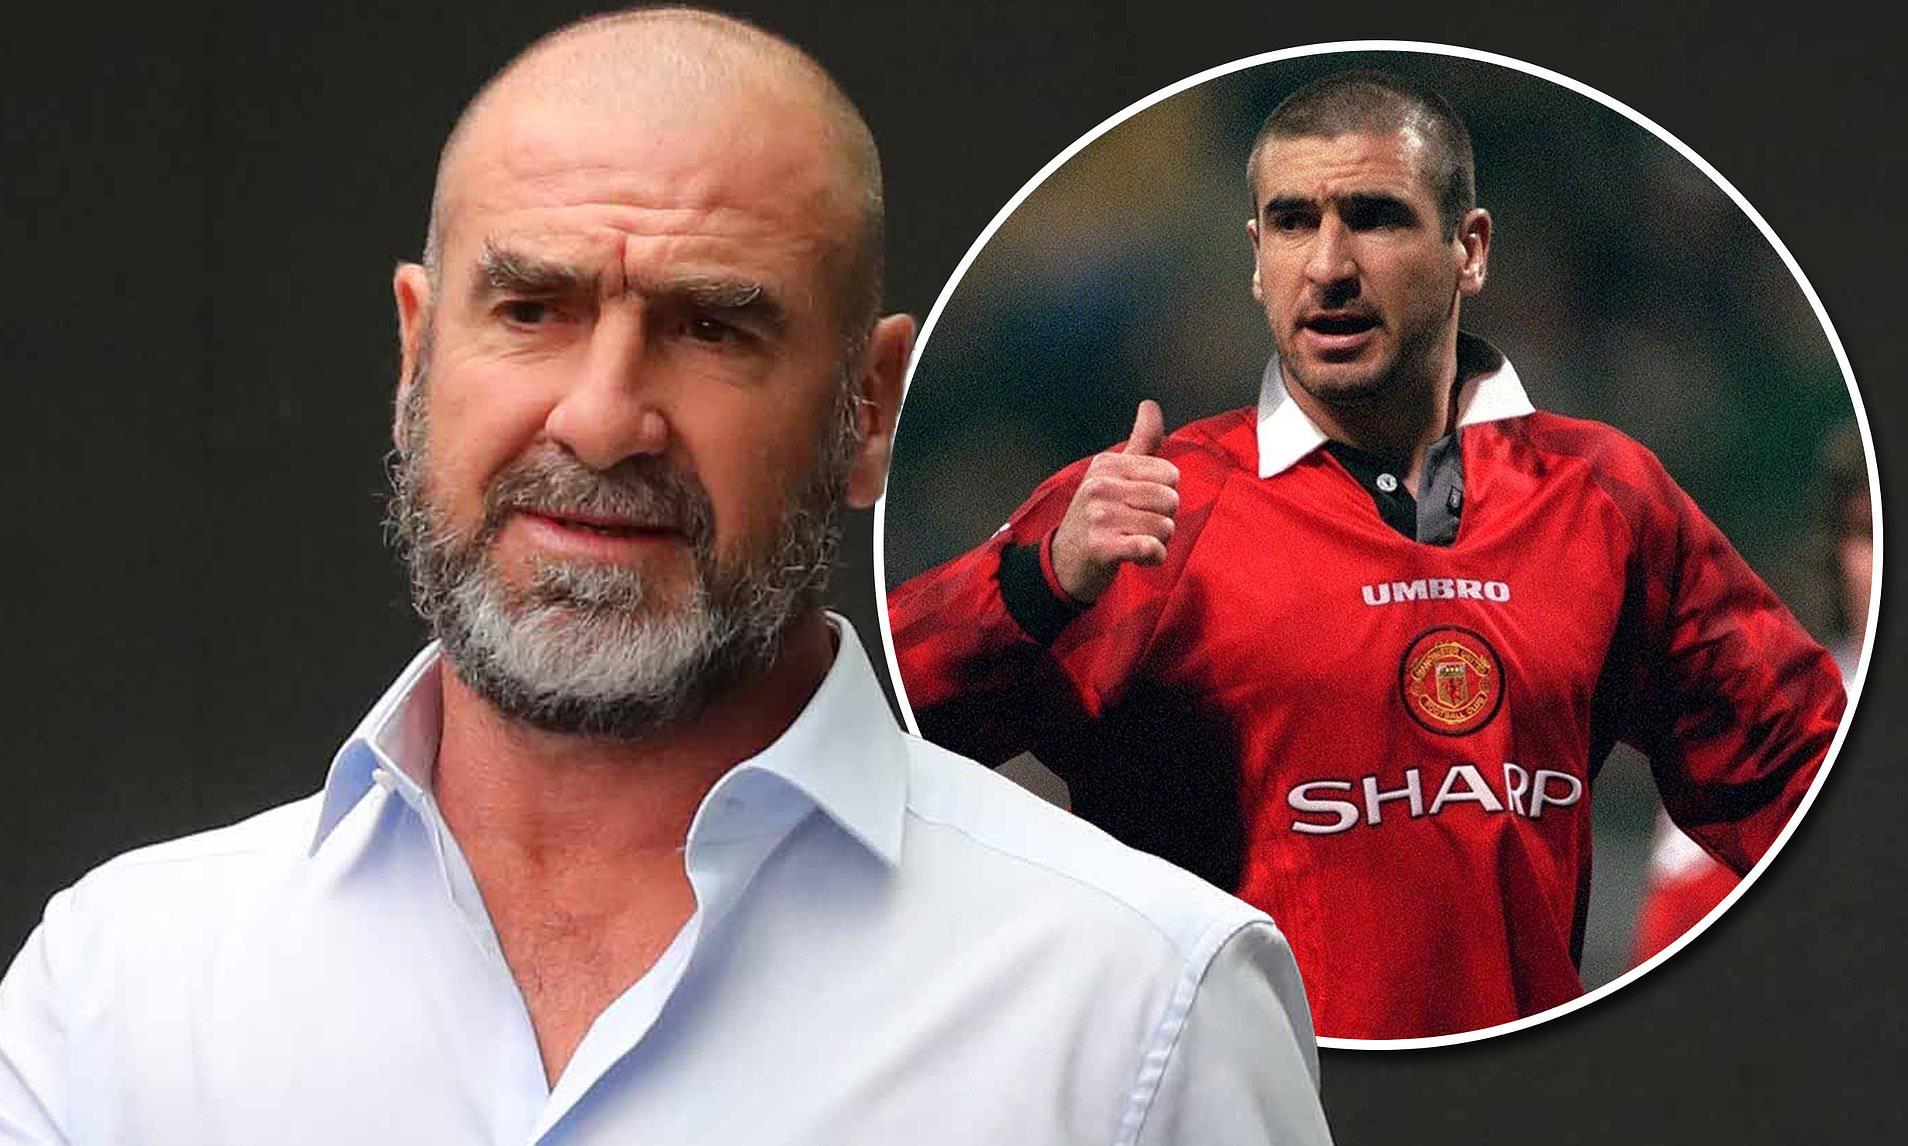 Retrouvez toute l'actualité foot et mercato de eric cantona. I M A Celebrity Bosses Line Up Manchester United Legend Eric Cantona Daily Mail Online